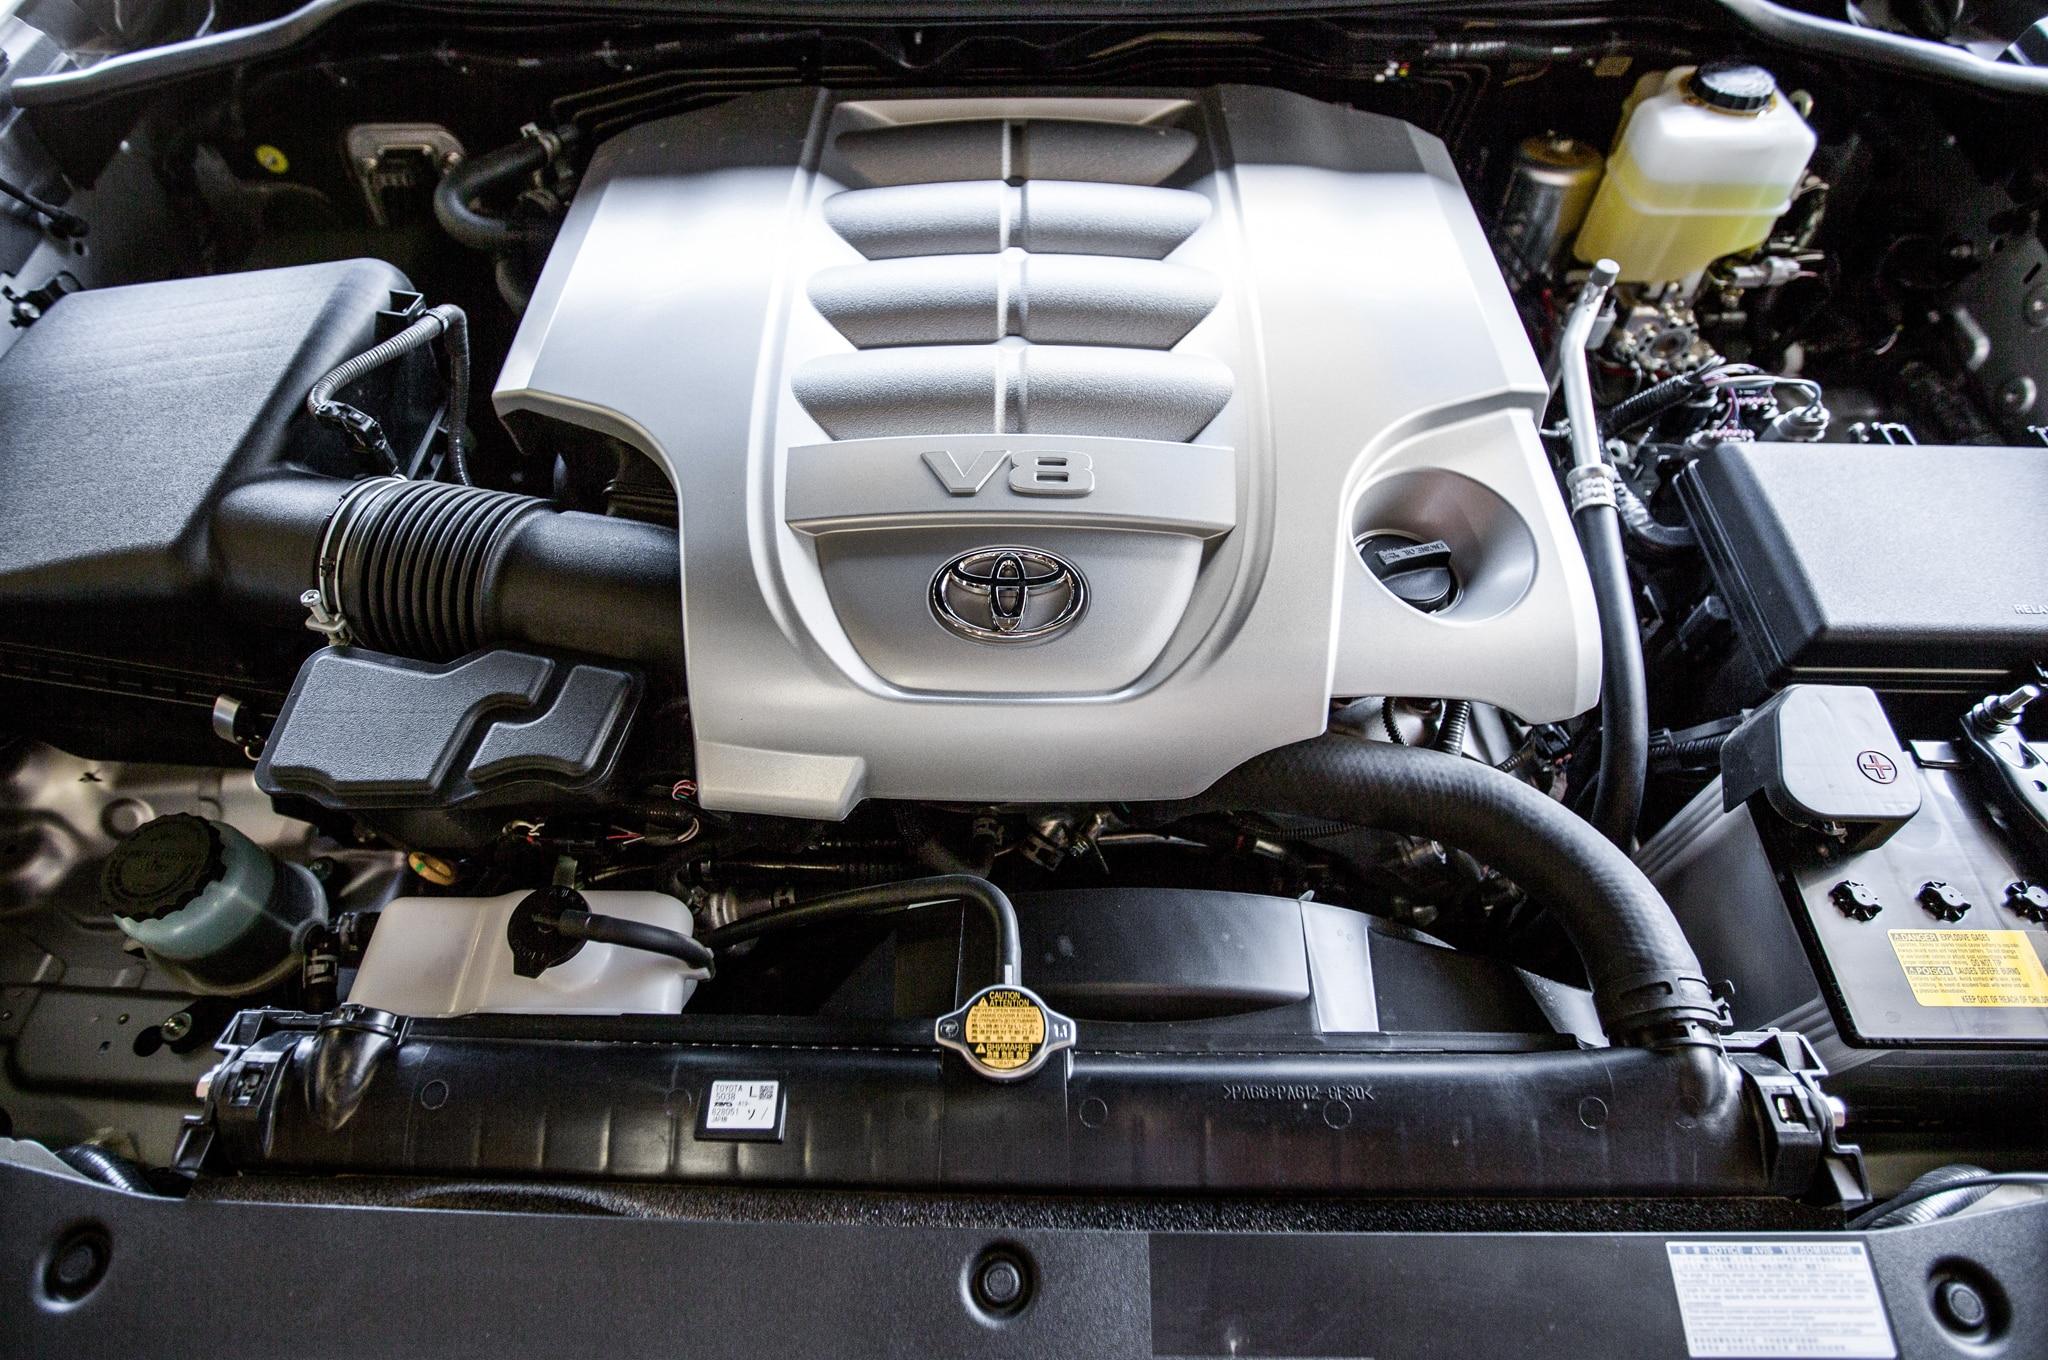 ТЛК 200 восьмицилиндровый двигатель